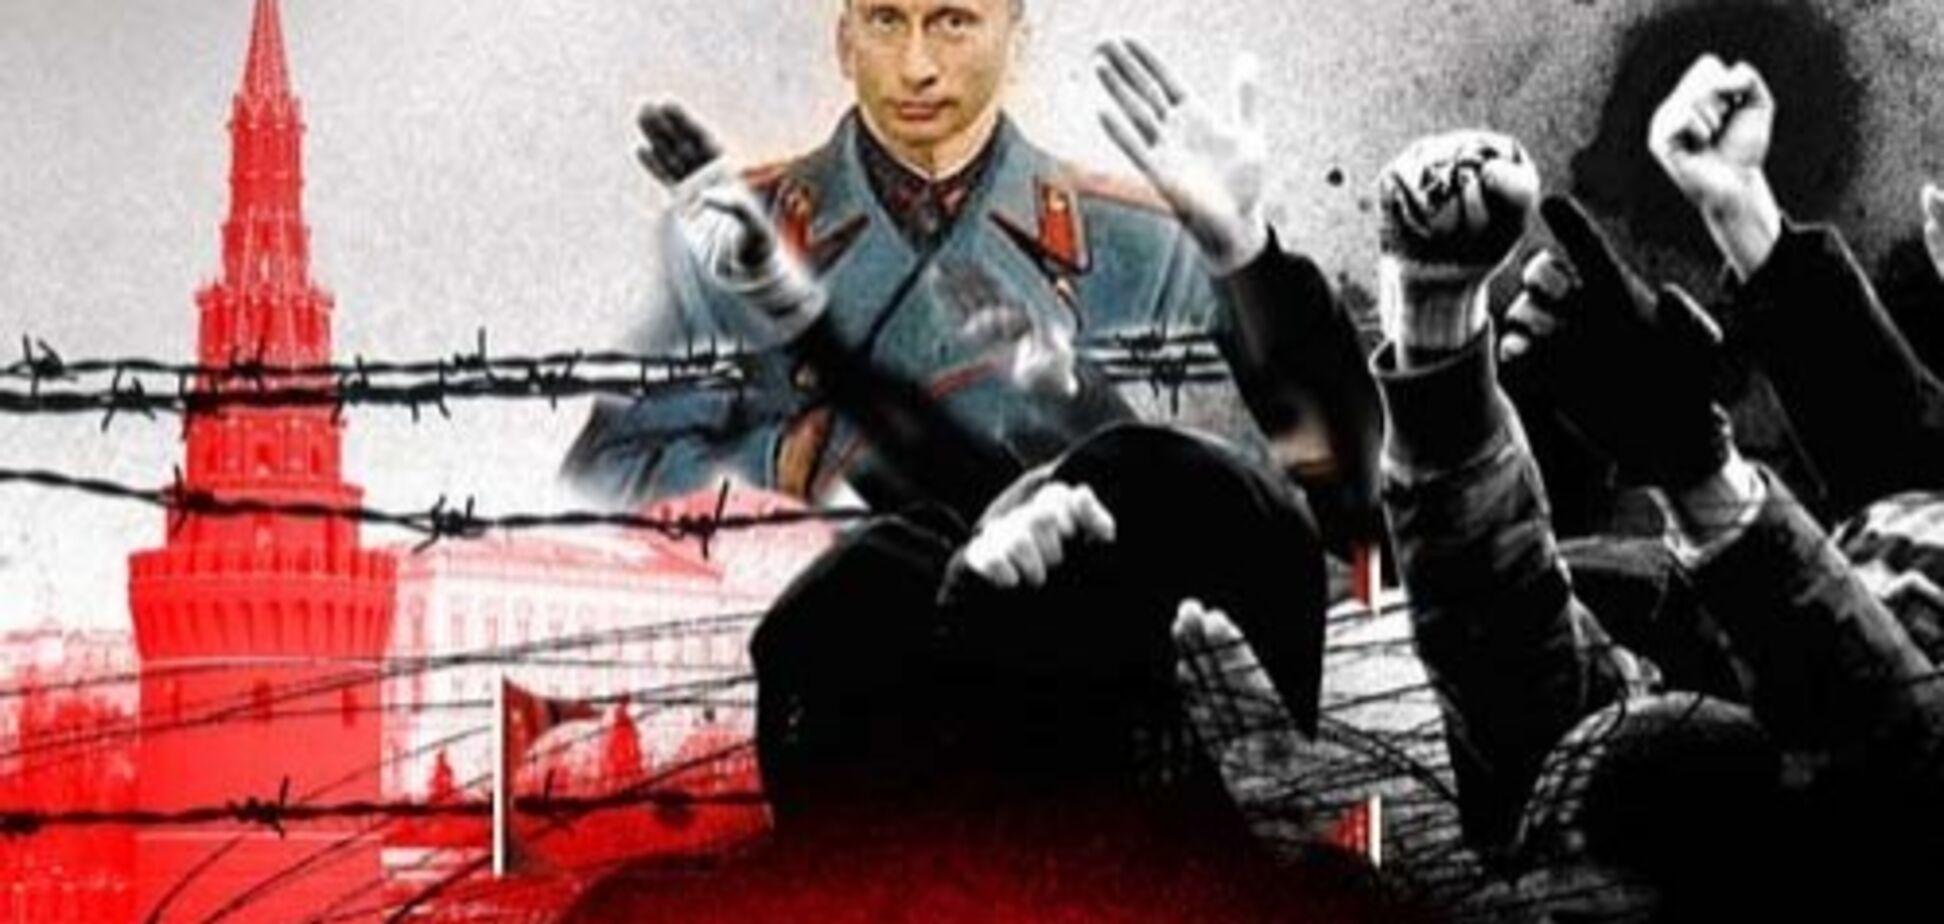 Глупо надеяться, что Россия развалится, а мост рухнет. Эта история надолго